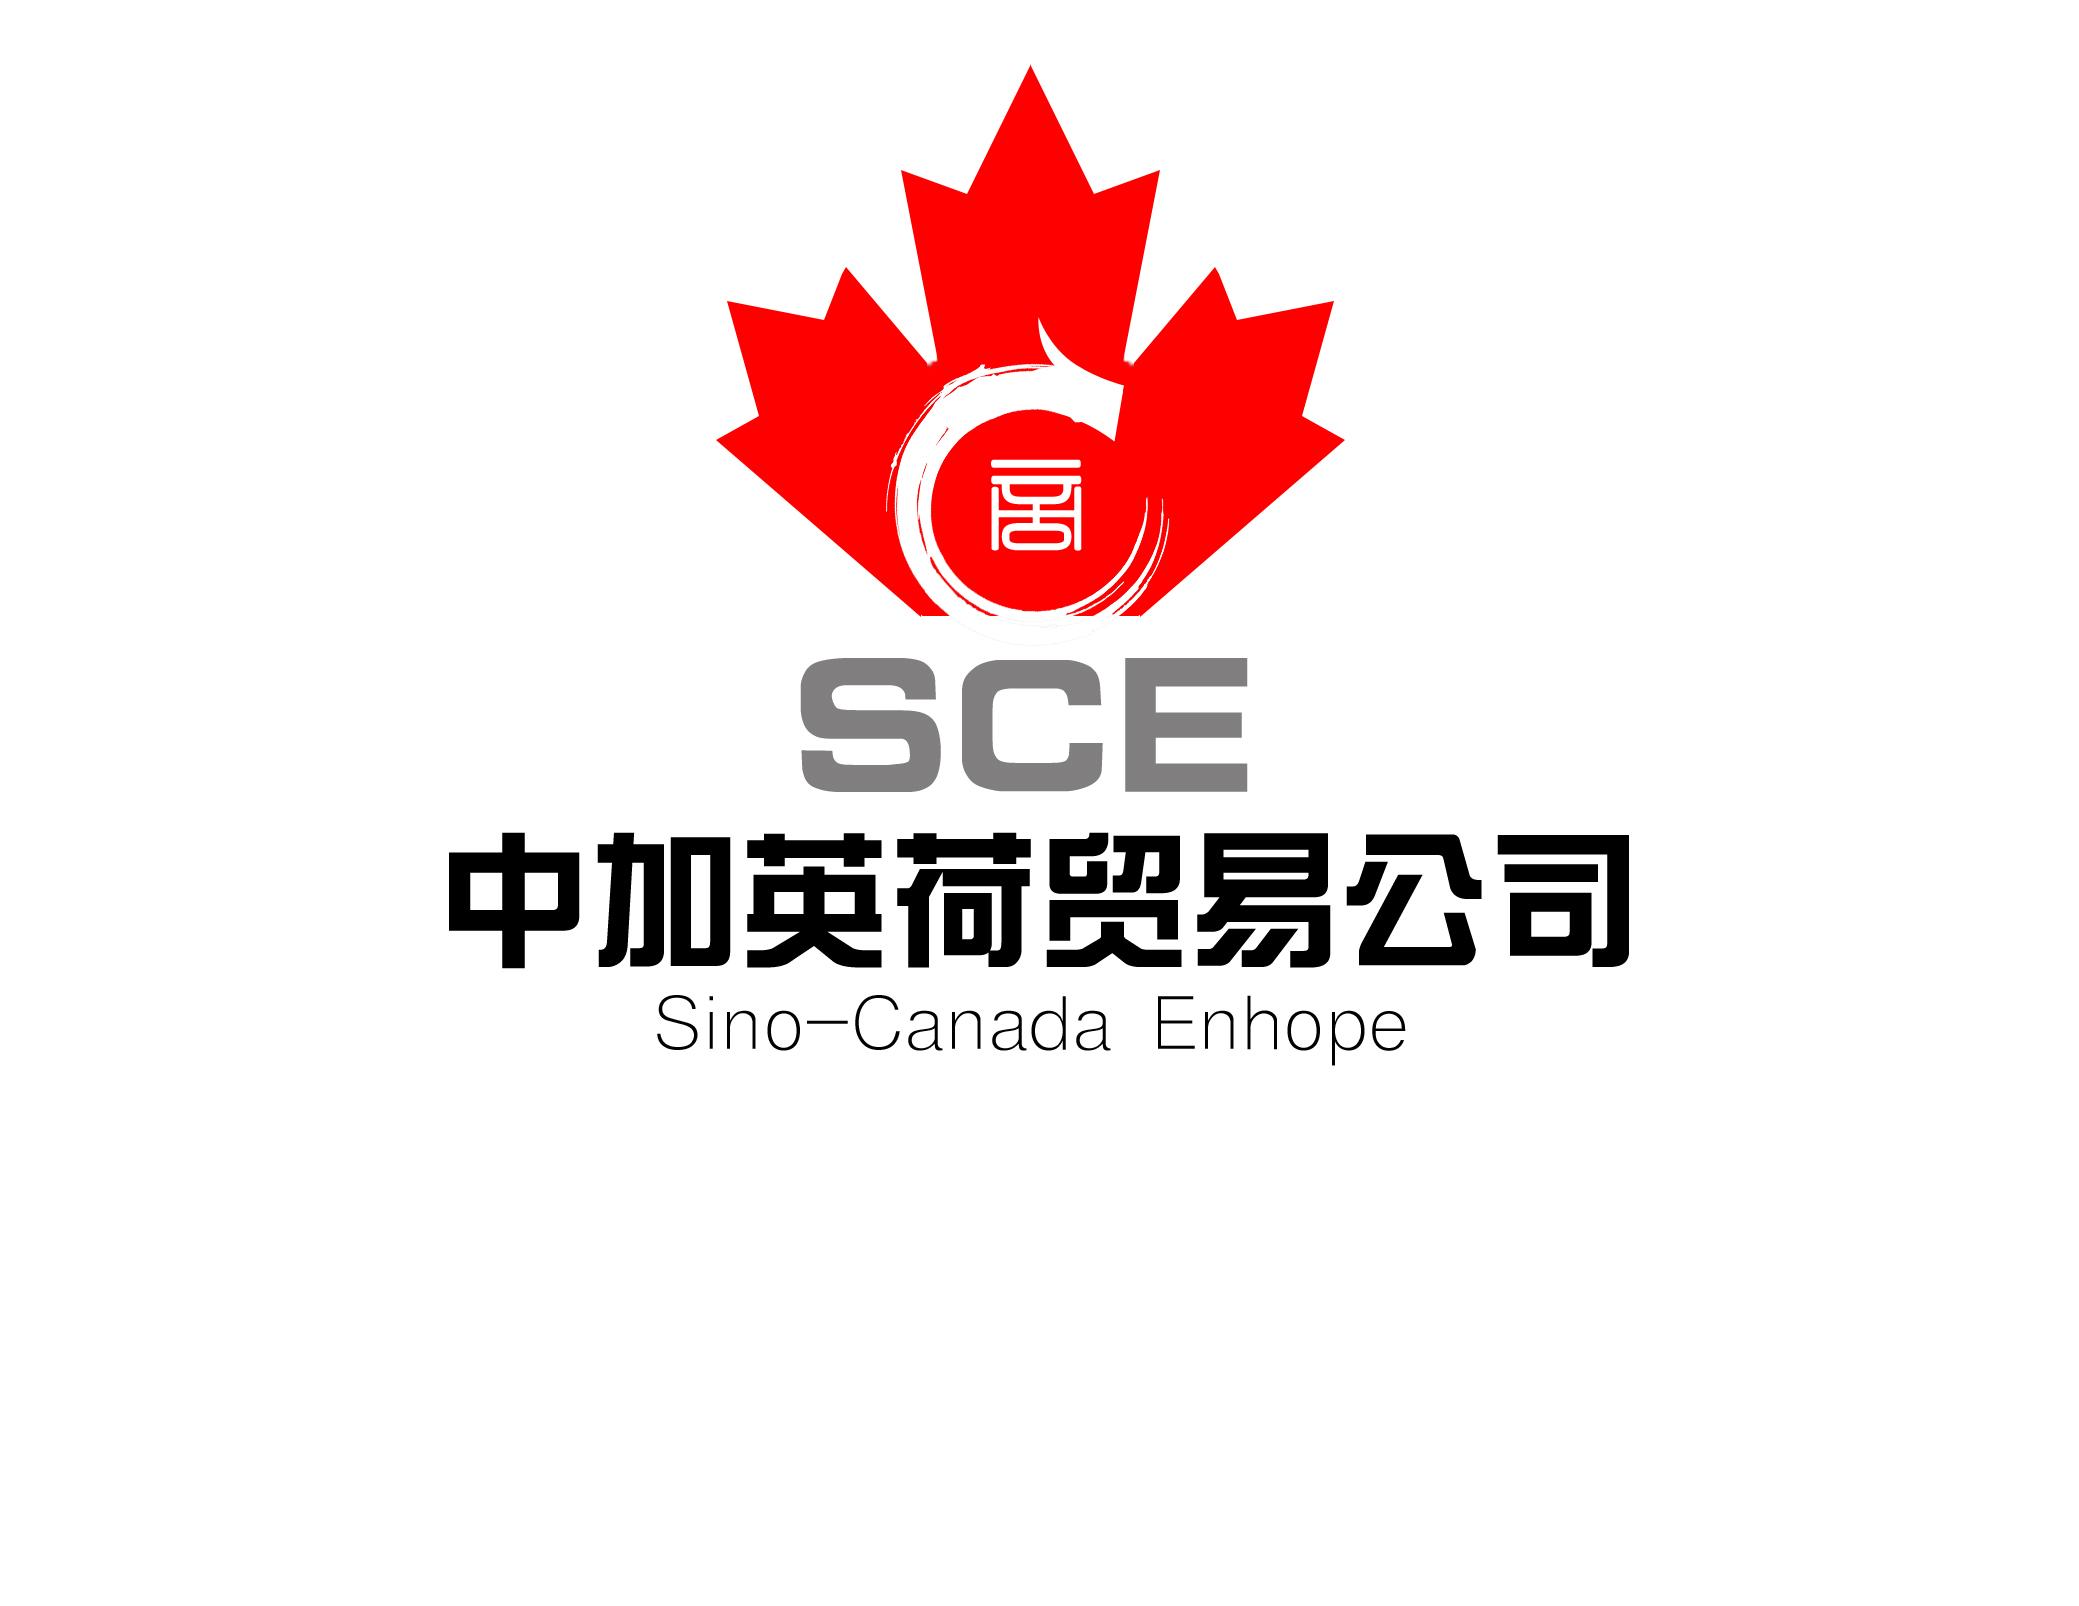 加末logo加拿大国旗-加末logo图片